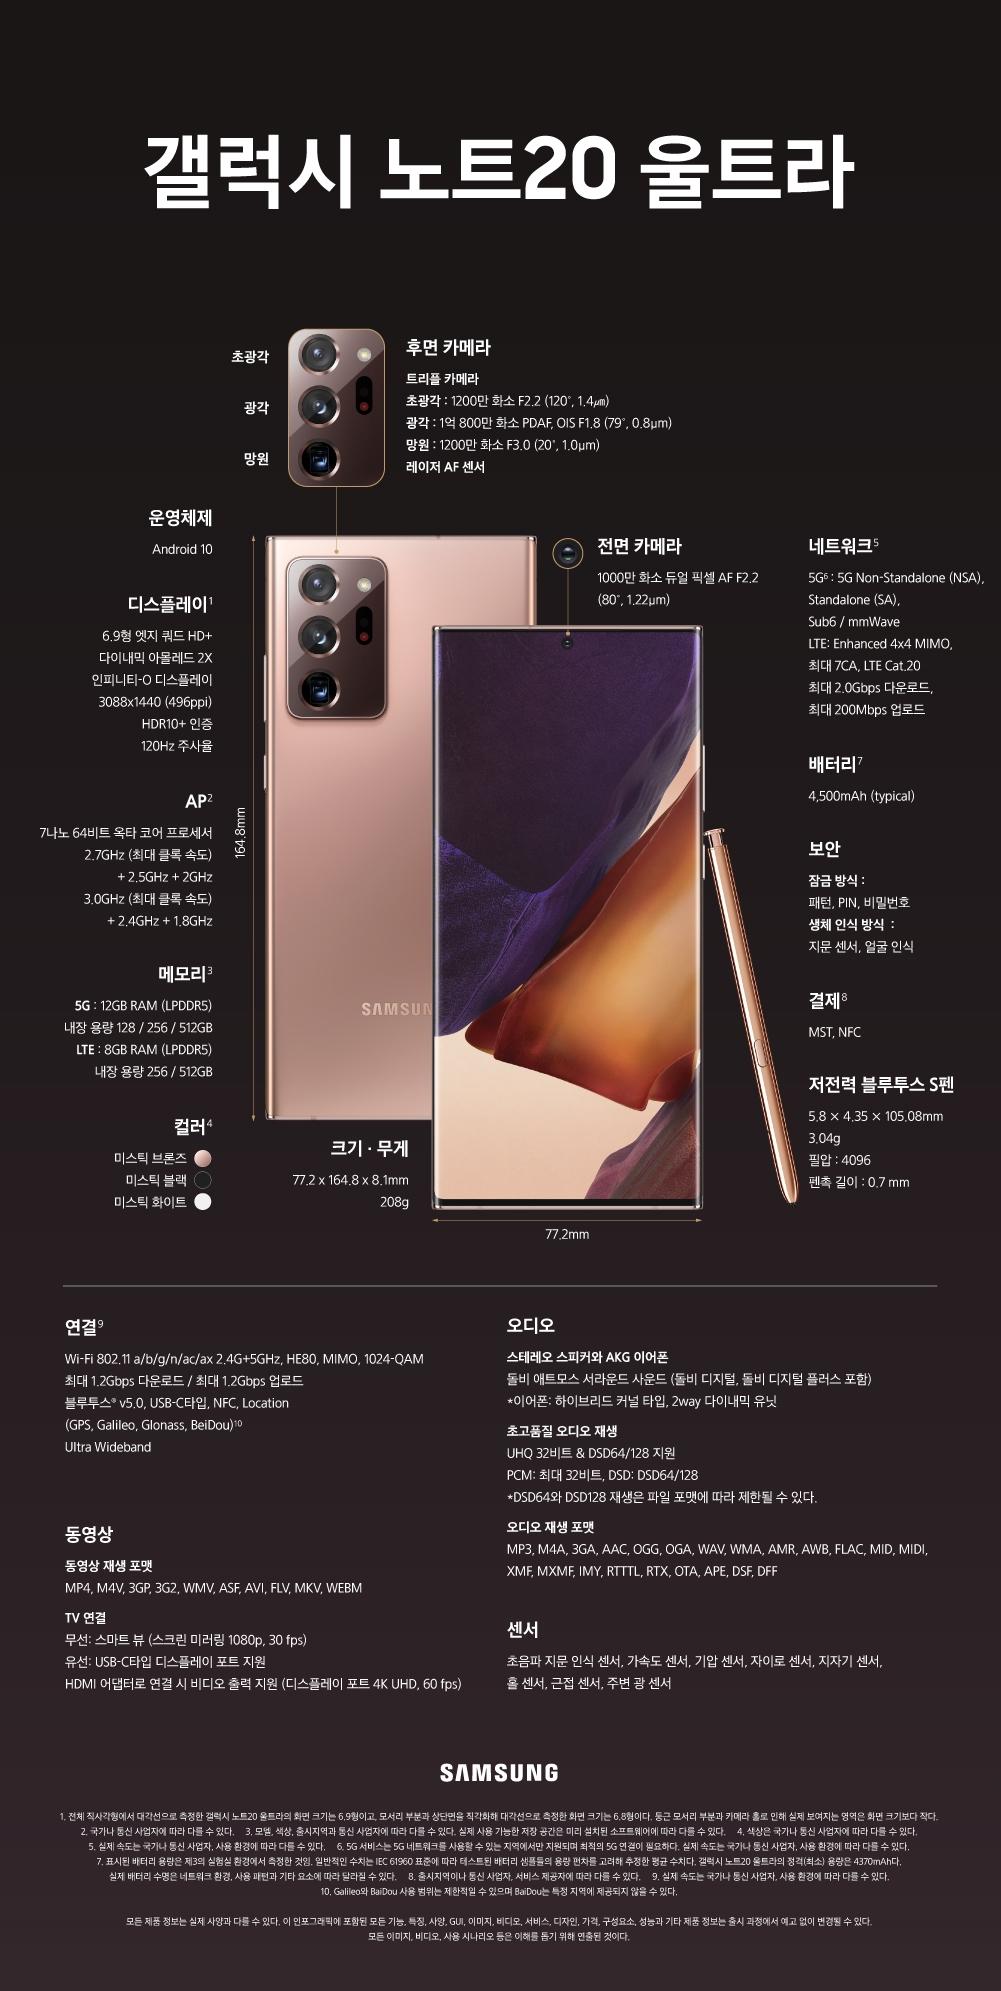 갤럭시 노트20 울트라 운영체제 Android 10 디스플레이(전체 직사각형에서 대각선으로 측정한 갤럭시 노트20 울트라의 화면 크기는 6.9형이고, 모서리 부분고 상단면을 직각화해 대각선으로 측정한 호면 크기는 6.8형이다. 둥근 모서리 부분과 카메라 홀로 인하여 실제 보여지는 영역은 화면 크기보다 작다.) 6.9형엣지 쿼드 HD+ 다이내믹 아몰레드 2X 인피니티-O 디스플레이 3088X1440 (496ppi) HDR10+ 인증 120Hz 주사율 AP(국가나 통신 사업자에 따라 다를 수 있다.) 7나노 64비트 옥타 코어 프로세서 2.7GHz(최대 클록 속도) + 2.5GHz + 2GHz 3.0GHz(최대 클록 속도) + 2.4GHz + 1.8GHz 메모리(모델, 색상, 출시지역과 통신 사업자에 따라 다를 수 있다. 실제 사용 가능한 저장 공간은 미리 설치된 소프트웨어에 따라 다를 수 있다.) 5G 12GB RAM(LPDDR5) 내장 용량 128/256/512GB LTE 8GB(LPDDR5) 내장 용량 256/512GB 컬러(색상은 국가나 통신 사업자에 따라 다를 수 있다.) 미스틱 브론즈 미스틱 블랙 미스틱 화이트 크기•무게 77.2x164.8x8.1mm 208g 후면 카메라 트리플 카메라 초광각: 1200만 화소 F2.2(120′, 1.4㎛) 광각: 1억 800만 화소 PDAF, OIS F1.8(79′, 0.8㎛), 망원: 1,200만 화소 F3.0(20′, 1.0㎛) 레이저 AF 센서 전면 카메라 1000만 화소 듀얼 픽셀 AF F2.2 (80′, 1.22㎛) 네트워크(실제 속도는 국가나 통신 사업자, 사용 환경에 따라 다를 수 있다.) 5G(5G 서비스는 5G 네트워크를 사용할 수 있는 지역에서만 지원되며 최적의 5G 연결이 필요하다. 실제 속도는 국가나 통신 사업자, 사용 환경에 따라 다를 수 있다.) 5G Non Standalone(NSA), Standalone(SA), Sub6 / mmWace LTE: Enhanced 4X4 MIMO 최대 7CA, LTE Cat.20 최대 2.0Gbps 다운로드, 최대 200Mbps 업로드 배터리(표시된 배터리 용량은 제3의 실험실 환경에서 측정한 것임. 일반적인 수치는 IEC61960 표준에 따라 테스트된 배터리 샘플들의 용량 편차를 고려해 추정한 평균 수치다. 갤럭시 노트20 울트라의 정격(최소) 용량은 4370mAh다. 실제 배터리 수명은 네트워크 환경, 사용 패턴과 기타 요소에 따라 달라질 수 있다.) 4,500mAh (typical) 보안 잠금 방식: 패턴•핀(PIN)•비밀번호 / 생체 인식 방식 : 지문 센서•얼굴 인식 결제(출시지역이나 통신 사업자, 서비스 제공자에 따라 다를 수 있다.) MST, NFC 저전력 블루투스 S펜 5.8 x 4.35 x 105.08mm 3.04g 필압: 4096 펜촉 길이 : 0.7mm 연결(실제 속도는 국가나 통신 사업자, 사용 환경에 따라 다를 수 있다.) Wi-Fi 802.11 a/b/g/n/ac/ax 2.4G+5GHz, HE80, MIMO, 1024-QAM 최대 1.2Gbps 다운로드 / 최대 1.2Gbps 업로드 블루투스 v5.0, USB-C타입, NFC, Location(GPS, Galileo, Glonass, Beidou / Galileo와 Beidou 사용 범위는 제한적일 수 있으며 Beidou는 특정 지역에 제공되지 않을 수 있다.) Ultra Wildbnad 동영상 동영상 재생 포맷 MP4, M4V, 3GP, 3G2, WMV, ASF, ABI, FLB, MKV, WEBM TV 연결 무선: 스마트 뷰(스크린 미러링 1080p, 30 fps) 유선: USB-C 타입 디스플레이 포트 지원 HDMI 어댑터로 연걸 시 비디오 출력 지원 (디스플레이 포트 4K UHD, 60 fps 오디오 스테레오 스피커와 AKG 이어폰 돌비 애트모스 서라운드 사운드(돌비 디지털, 돌비 디지털 플러스 포함) *이어폰: 하이브리드 커널 타입, 2way 다이내믹 유닛 초고품질 오디오 재생 UHQ 32비트 & DSD64/128지원 PCM: C